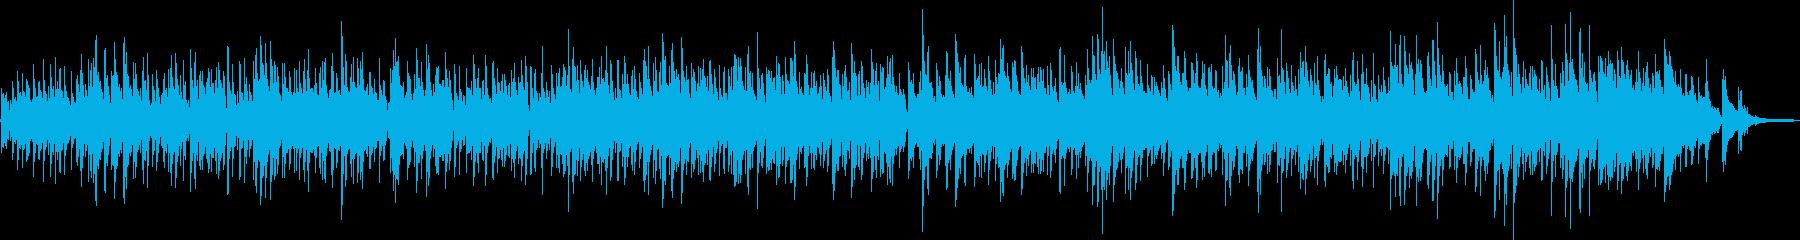 ギターデュオによるボサノバ曲の再生済みの波形